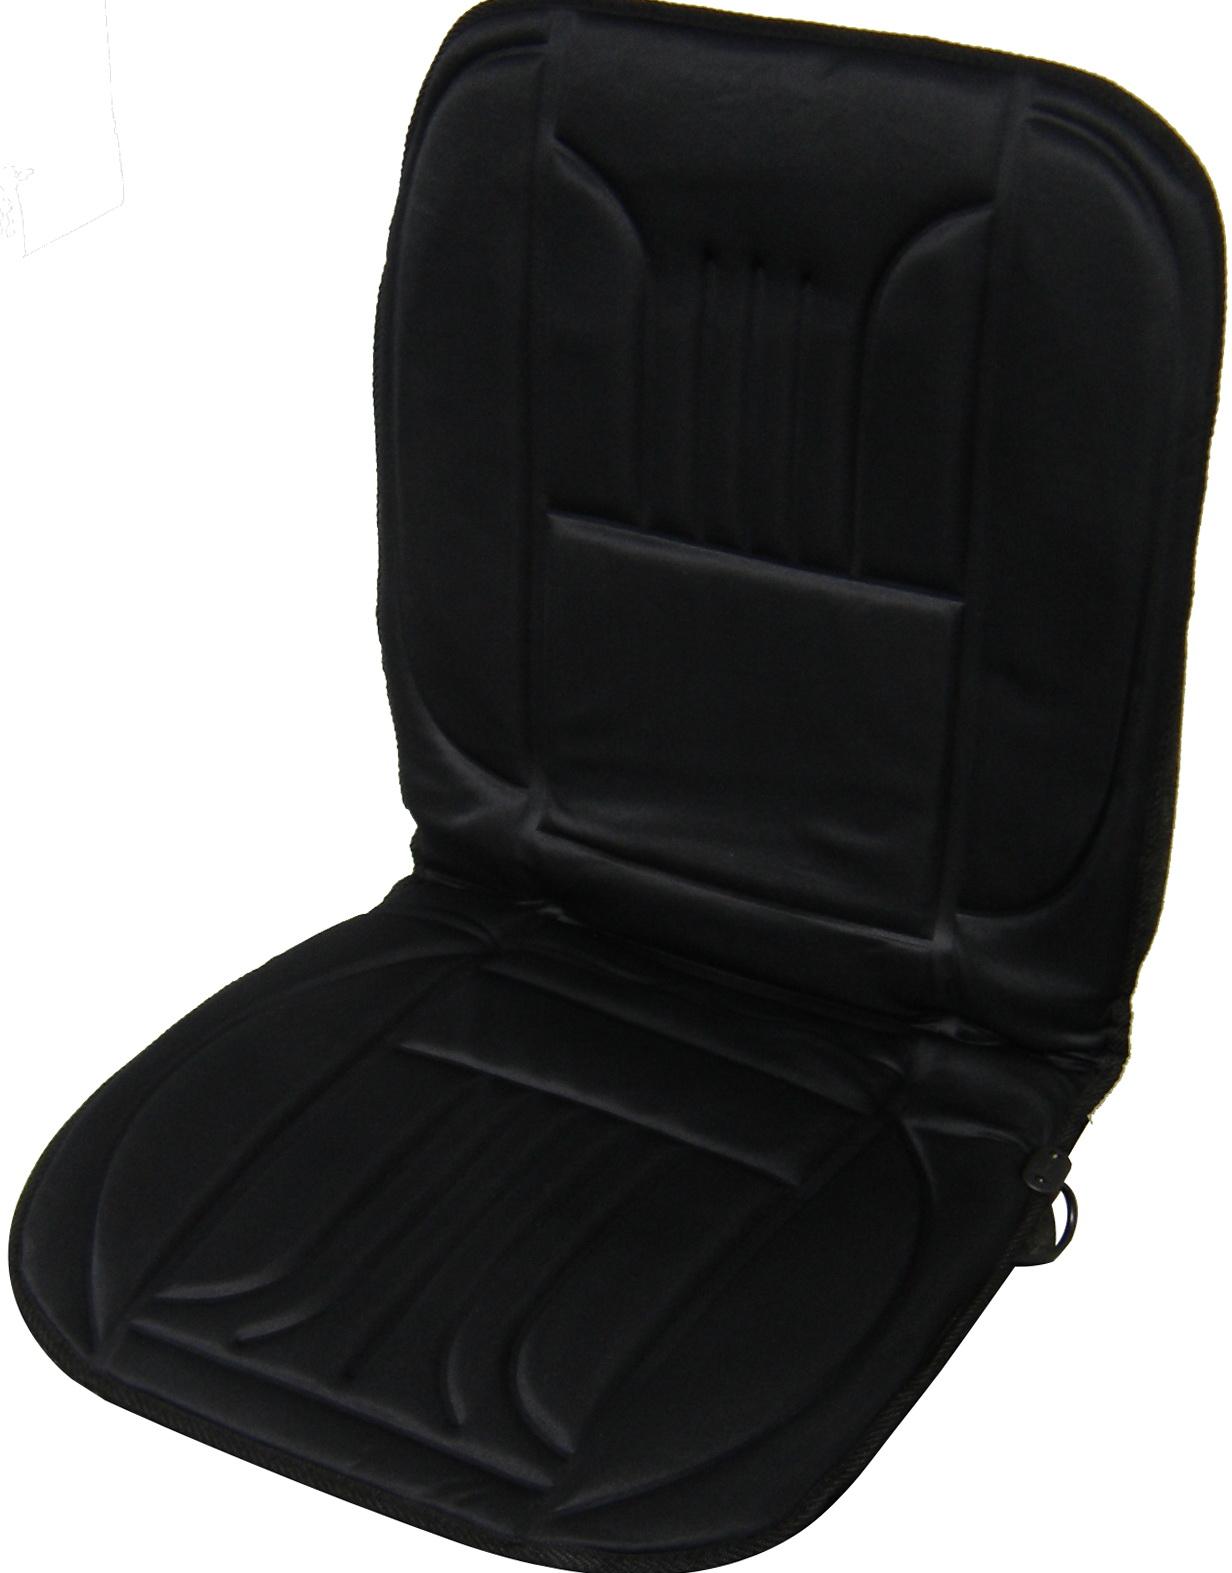 heated car seat cushion walmart home design ideas